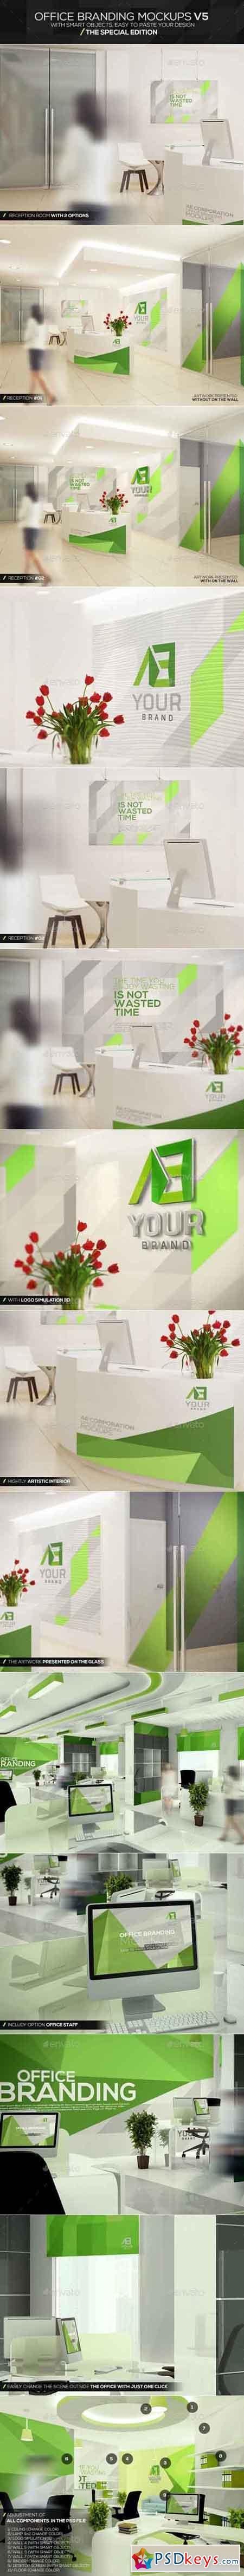 Office Branding Mockups V5 11515811